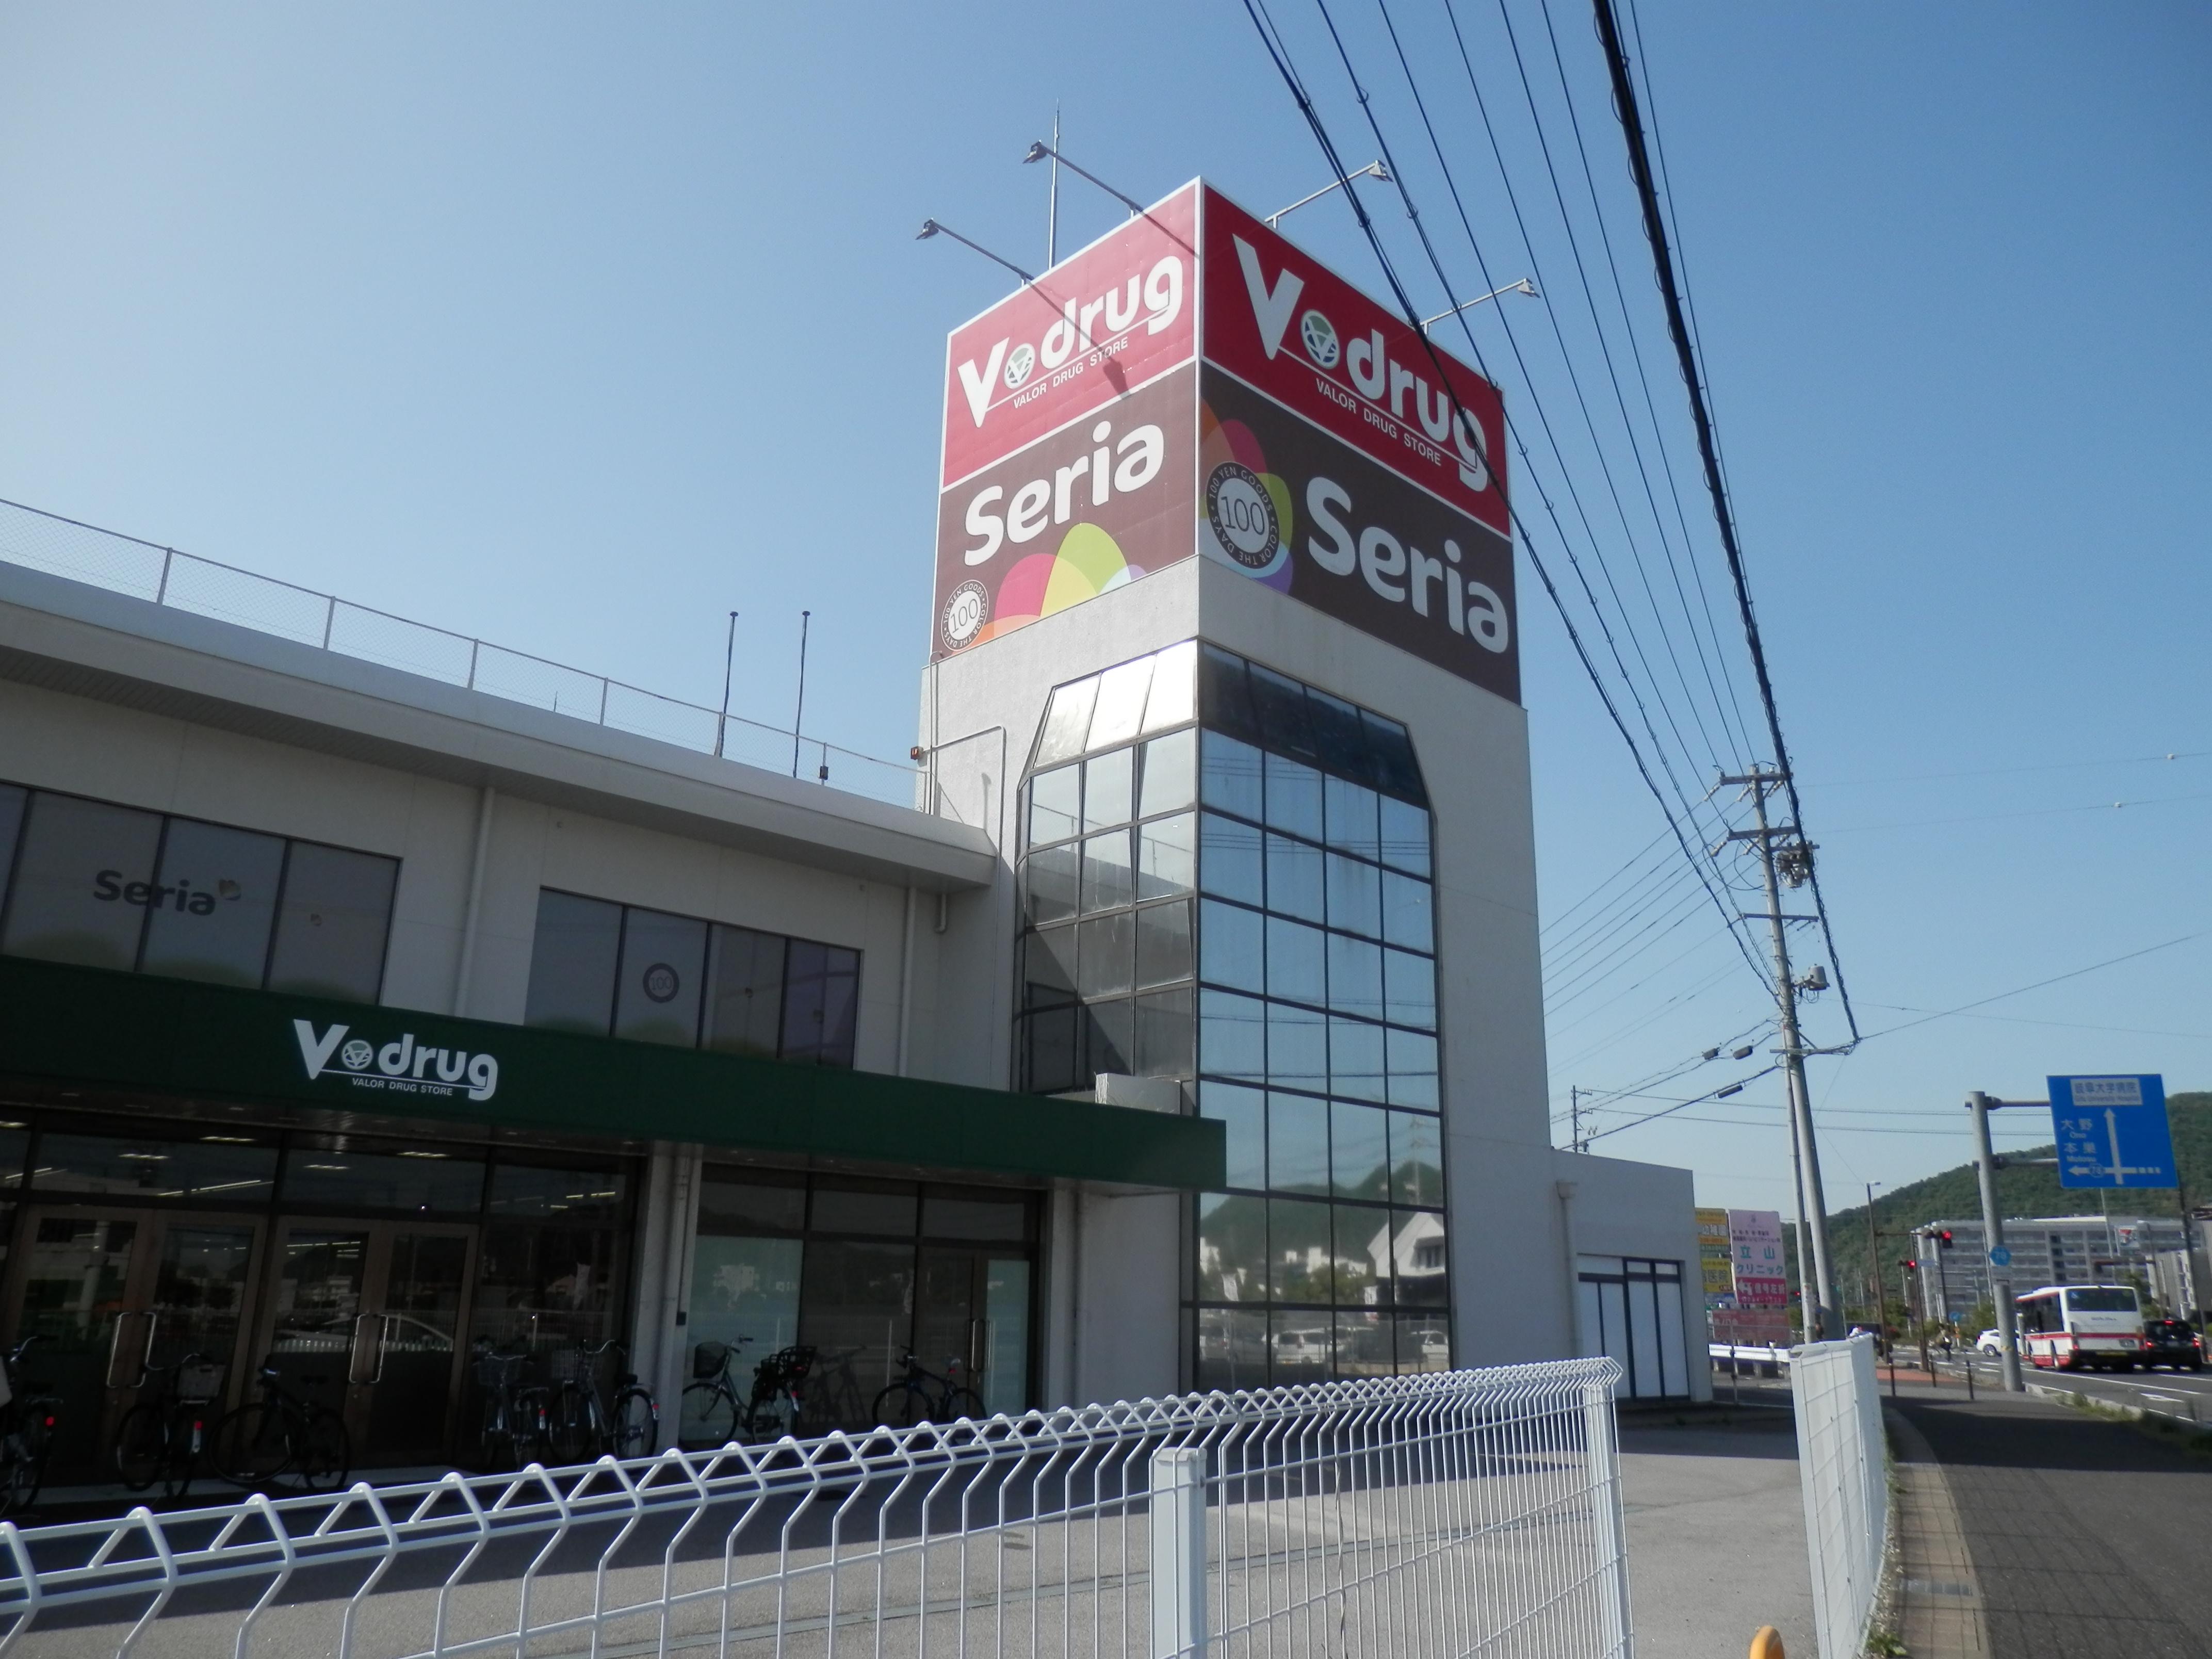 スーパー:Seria(セリア) 岐大前店 844m 近隣